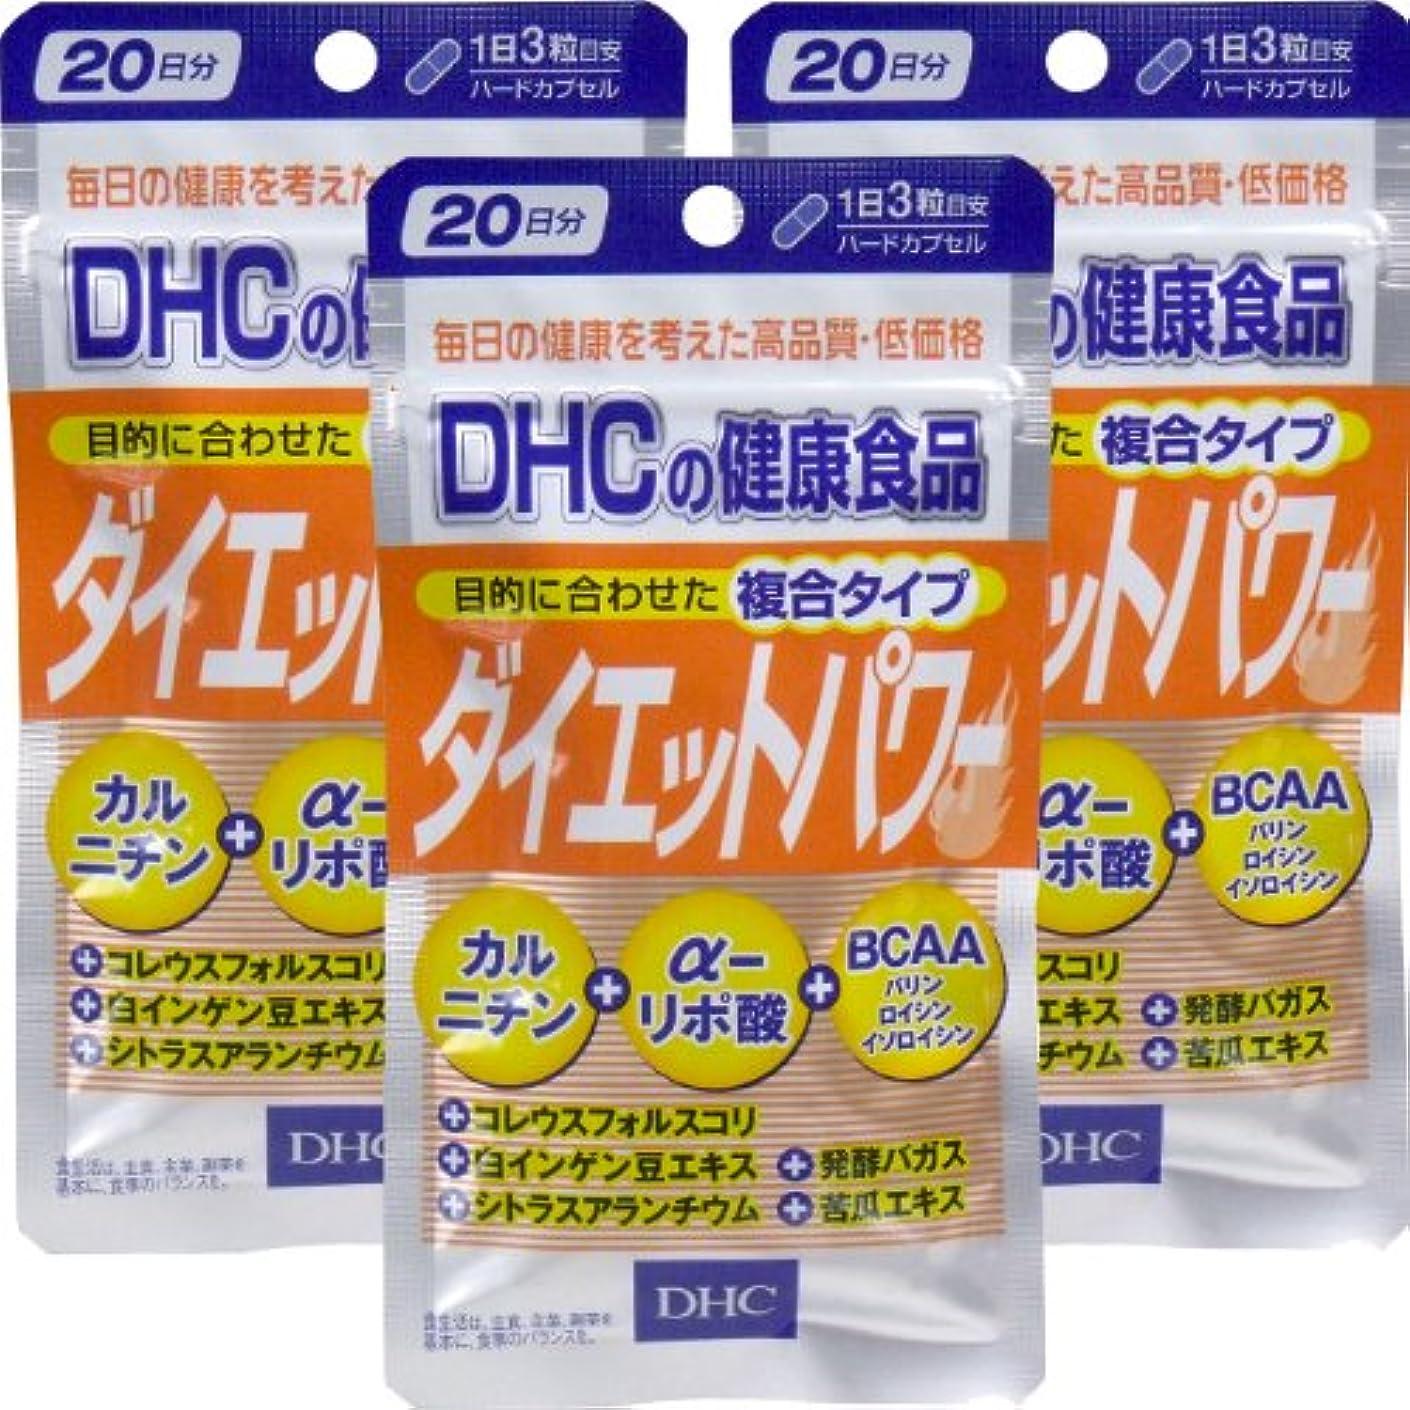 に応じて対処もろいDHC ダイエットパワー 20日分 60粒 ×3個セット